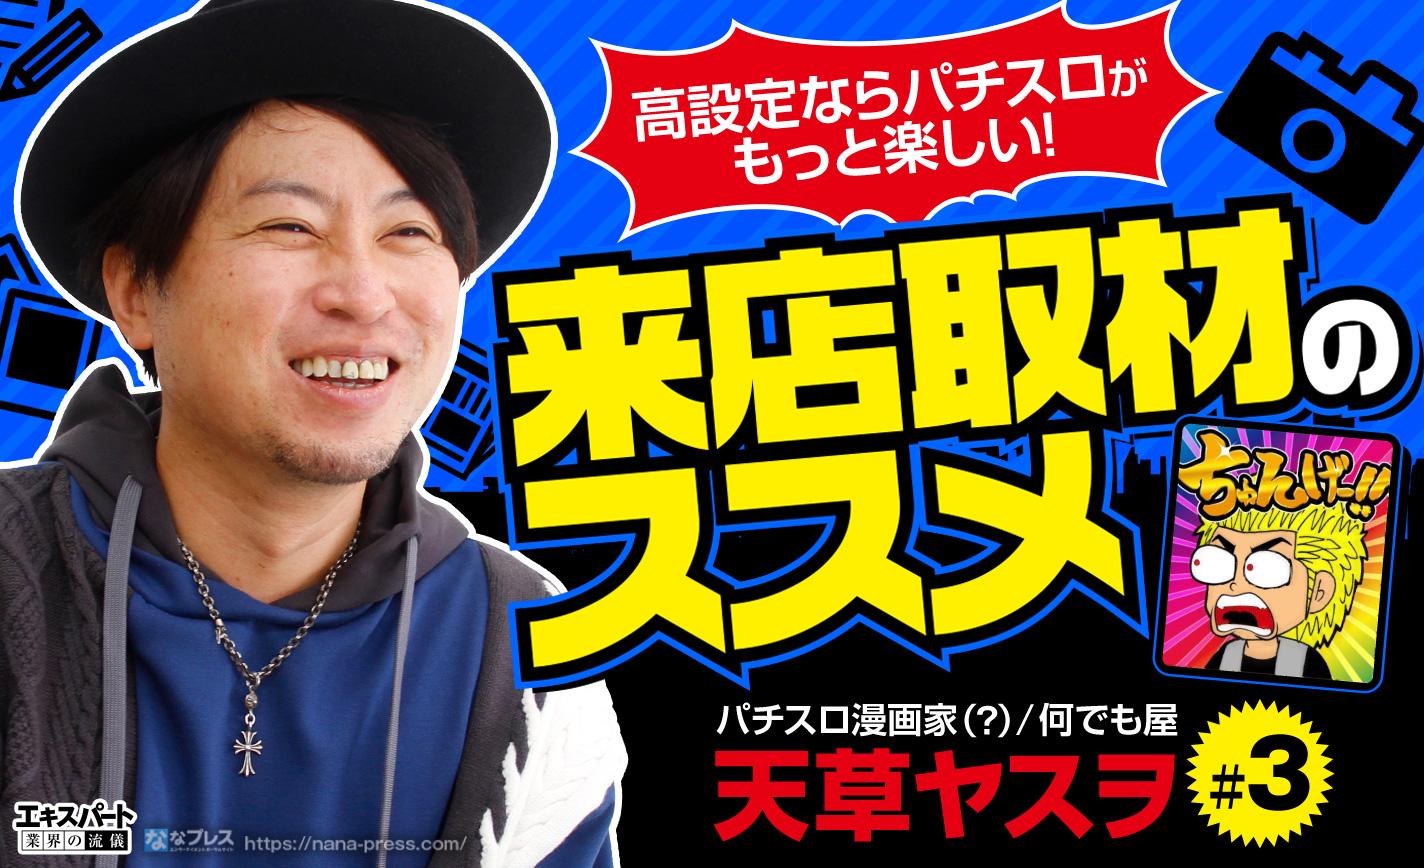 天草ヤスヲの来店取材のススメ!設定確保のために奮闘する日々をアツく語る eyecatch-image